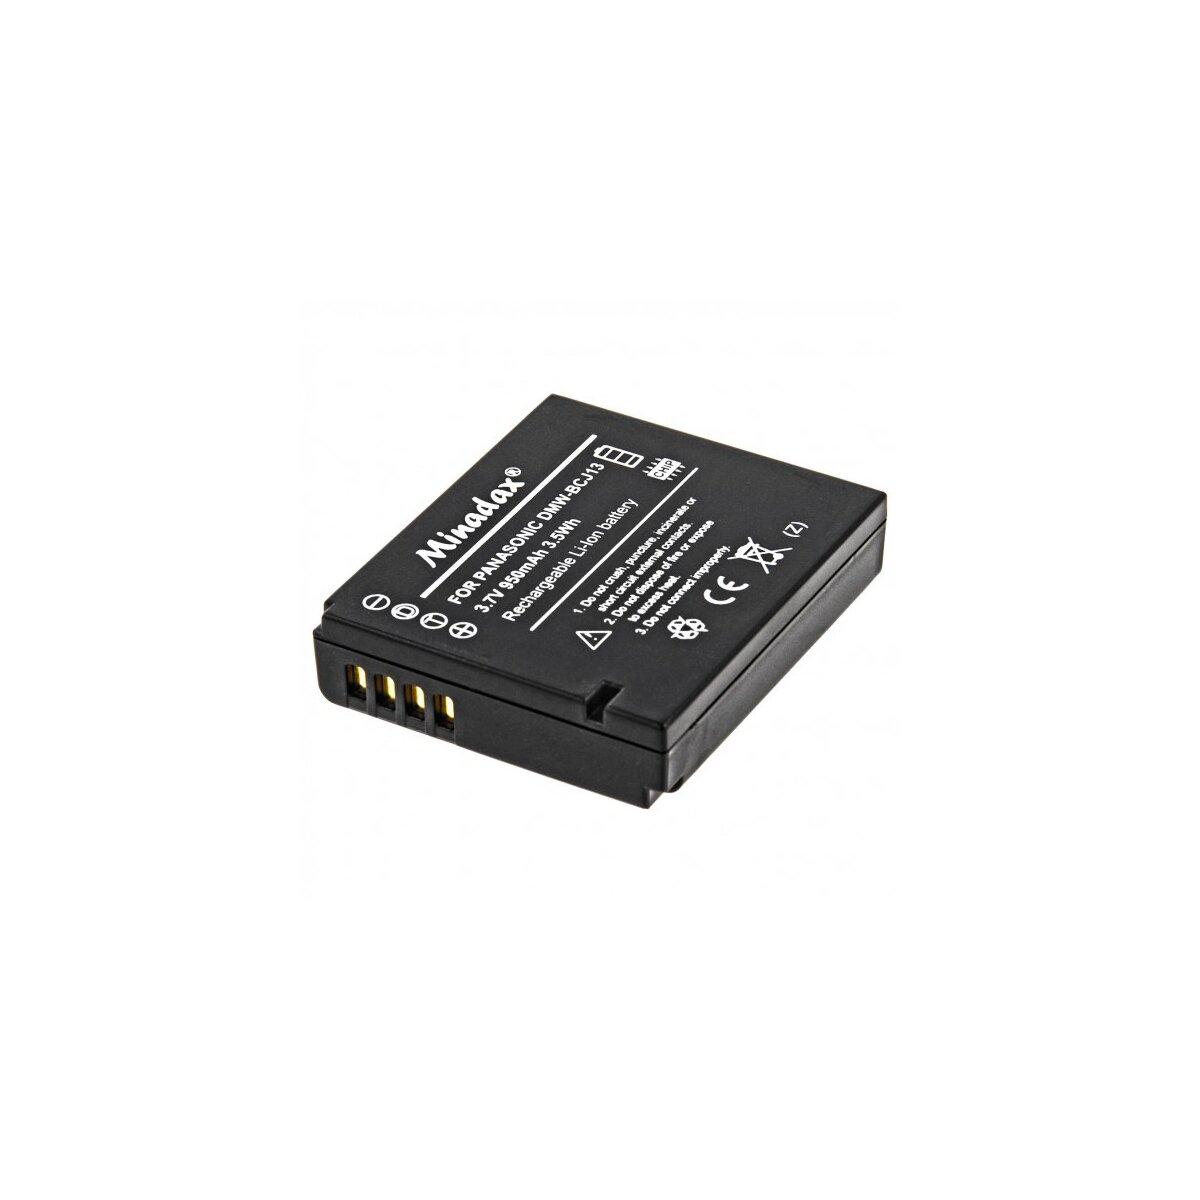 Minadax® Qualitaetsakku mit echten 950 mAh fuer Panasonic DMC-LX5, DMC-LX5K, DMC-LX5W, DMC-LX7, wie DMW-BCJ13 - Intelligentes Akkusystem mit Chip